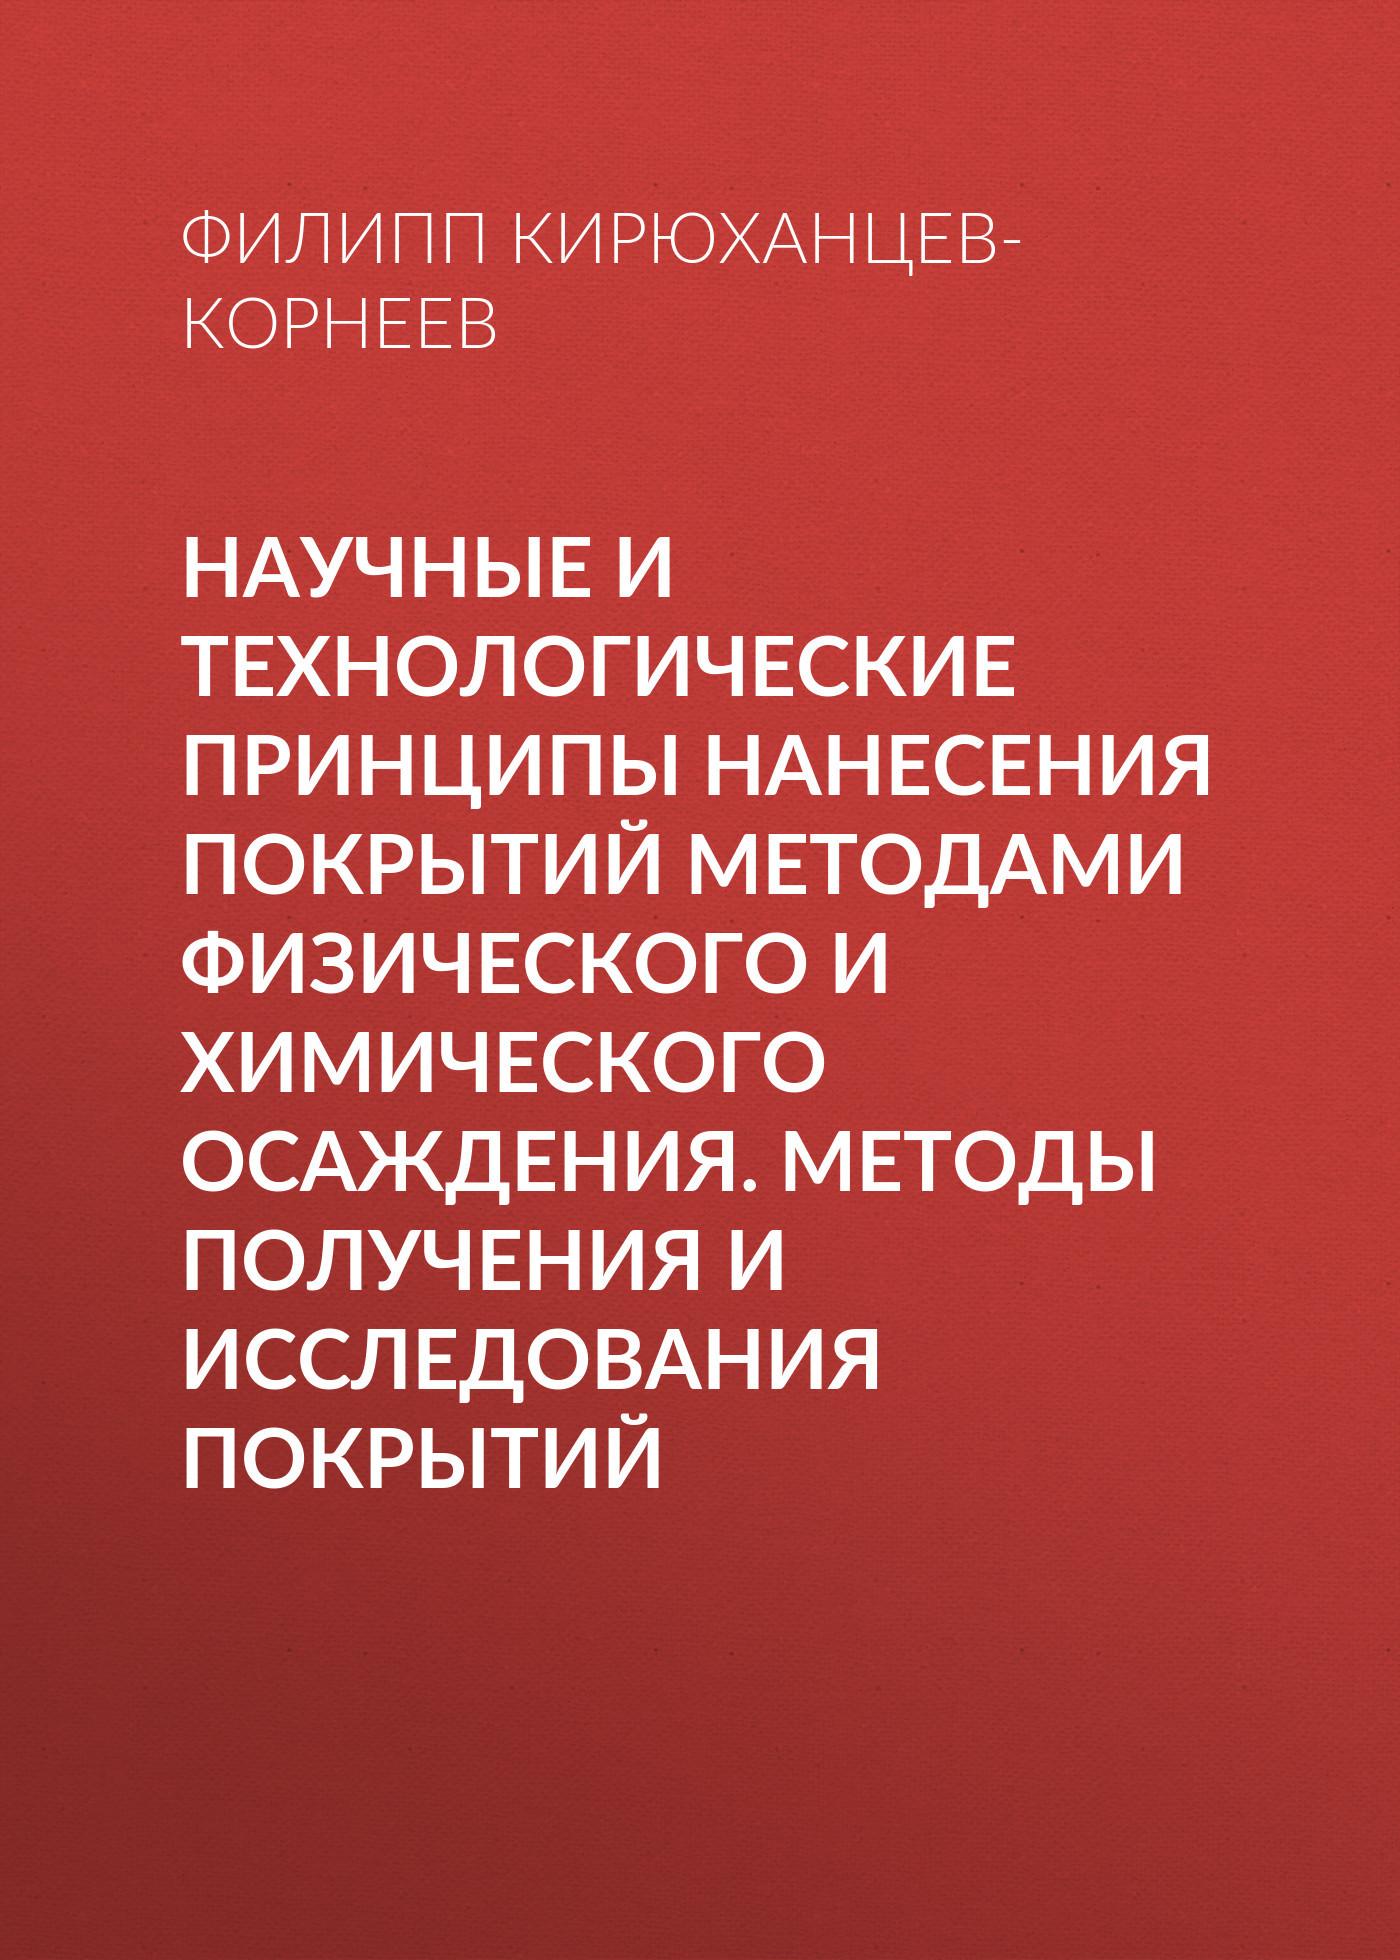 Филипп Кирюханцев-Корнеев бесплатно